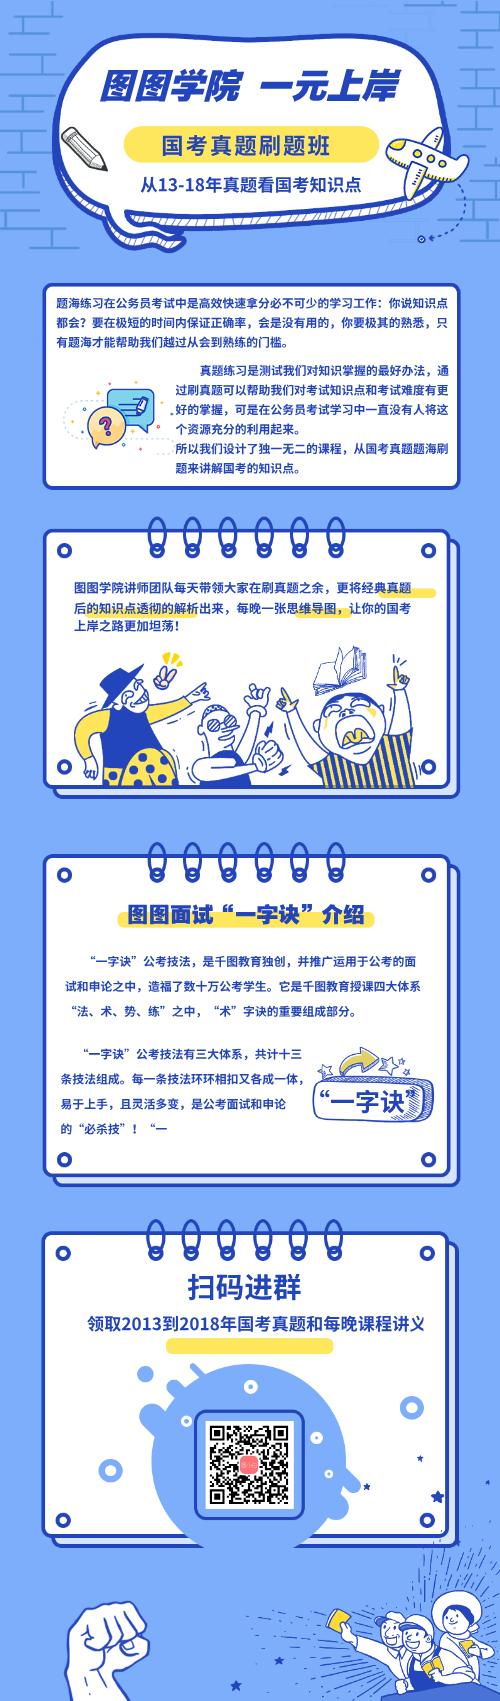 图图学院国考补习班营销长图